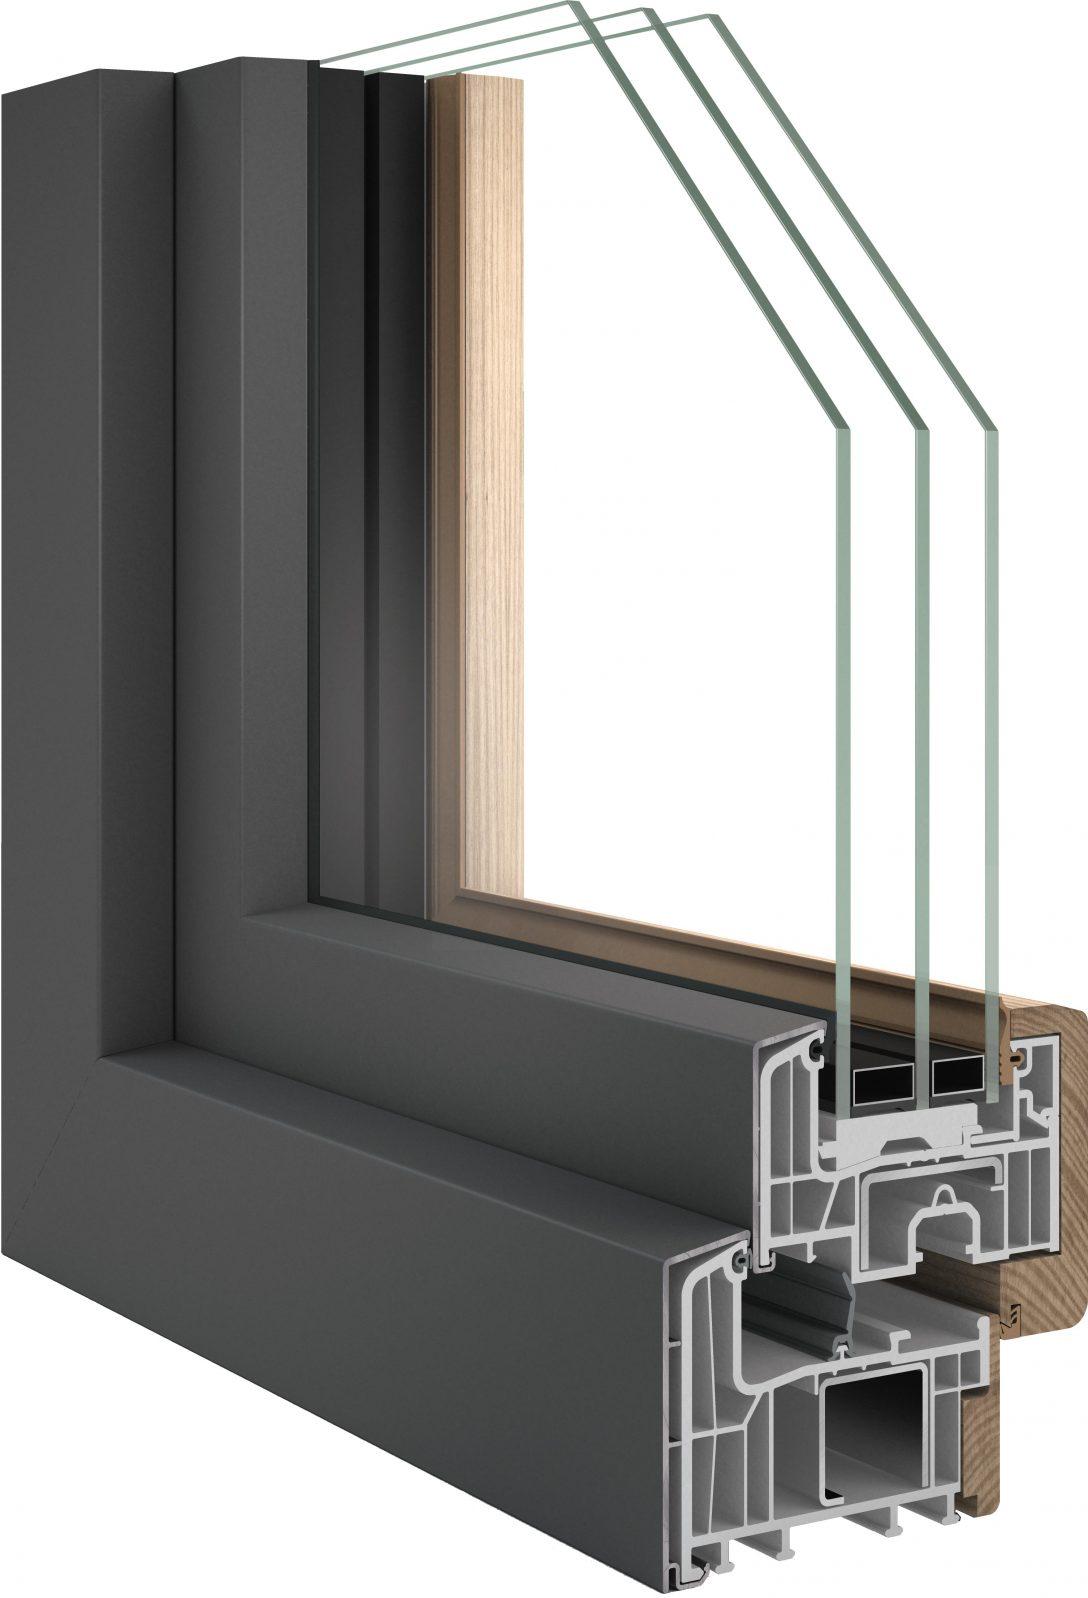 Large Size of Inoutic Fusioniert Kunststoff Fenster Insektenschutz Kaufen In Polen Schüco Alu Rc 2 Austauschen Kosten Marken Nach Maß Einbruchsicher Nachrüsten Schräge Fenster Kunststoff Fenster